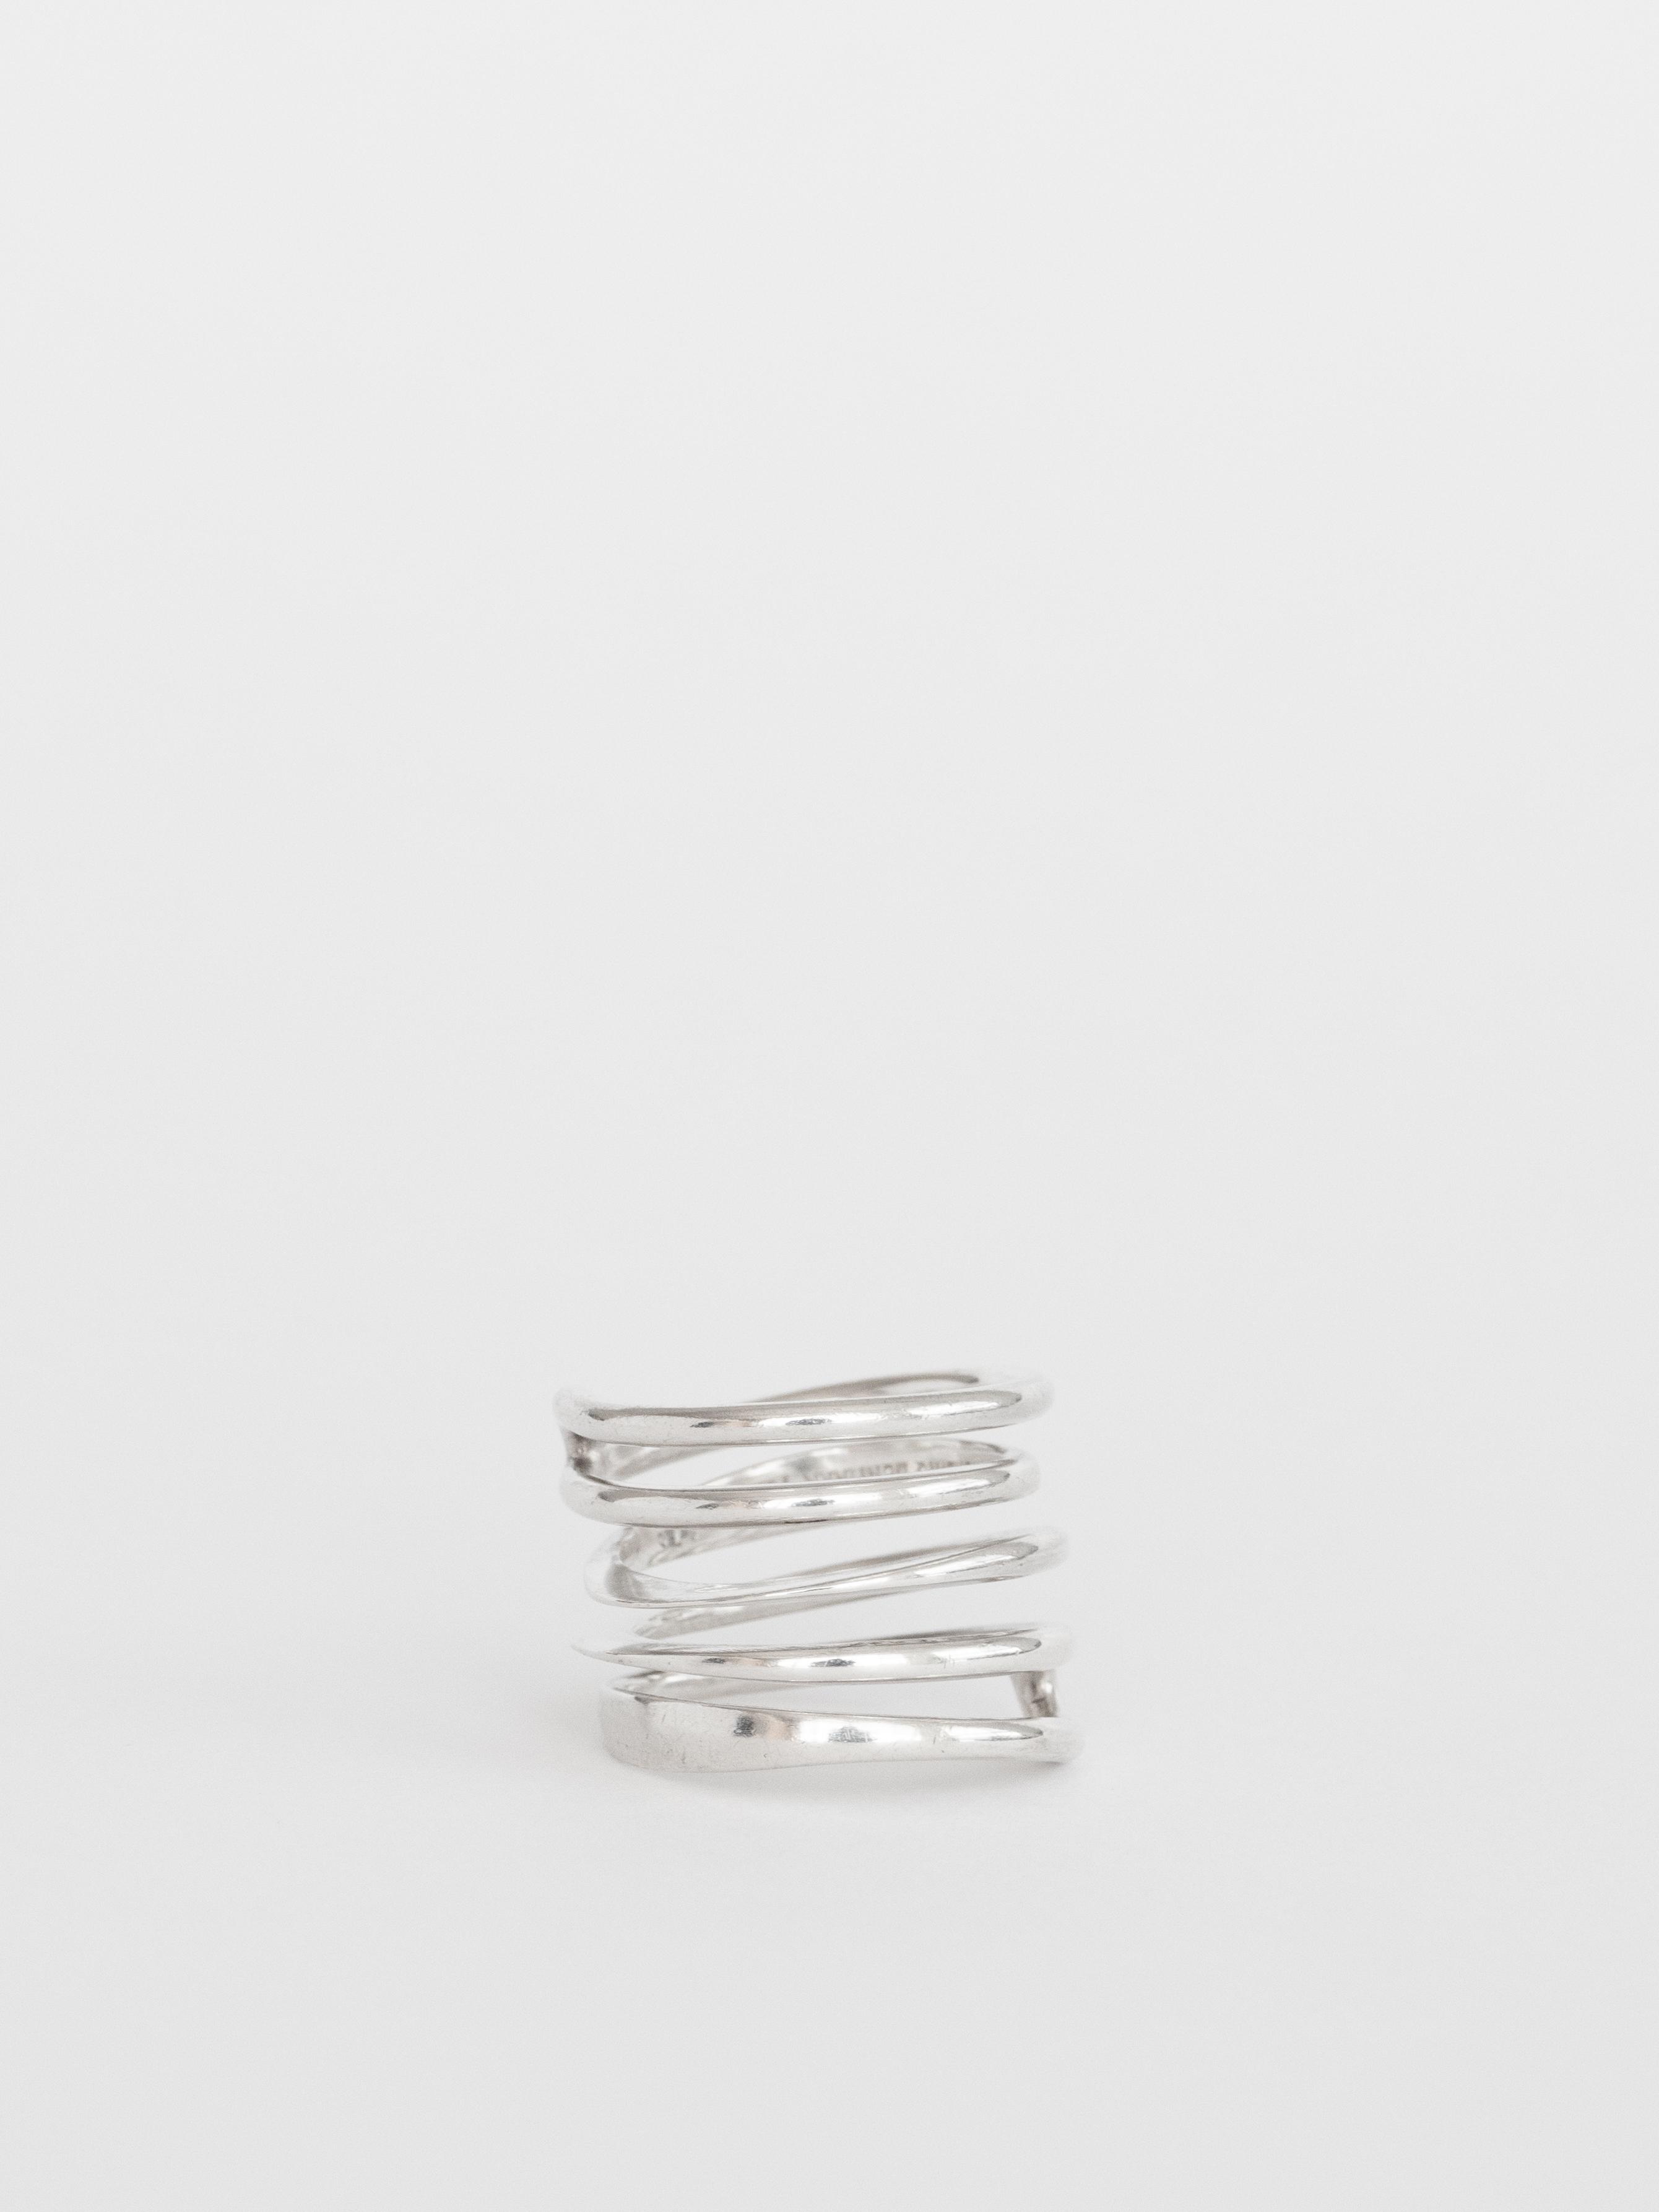 Spring Ring / Bent Knudsen